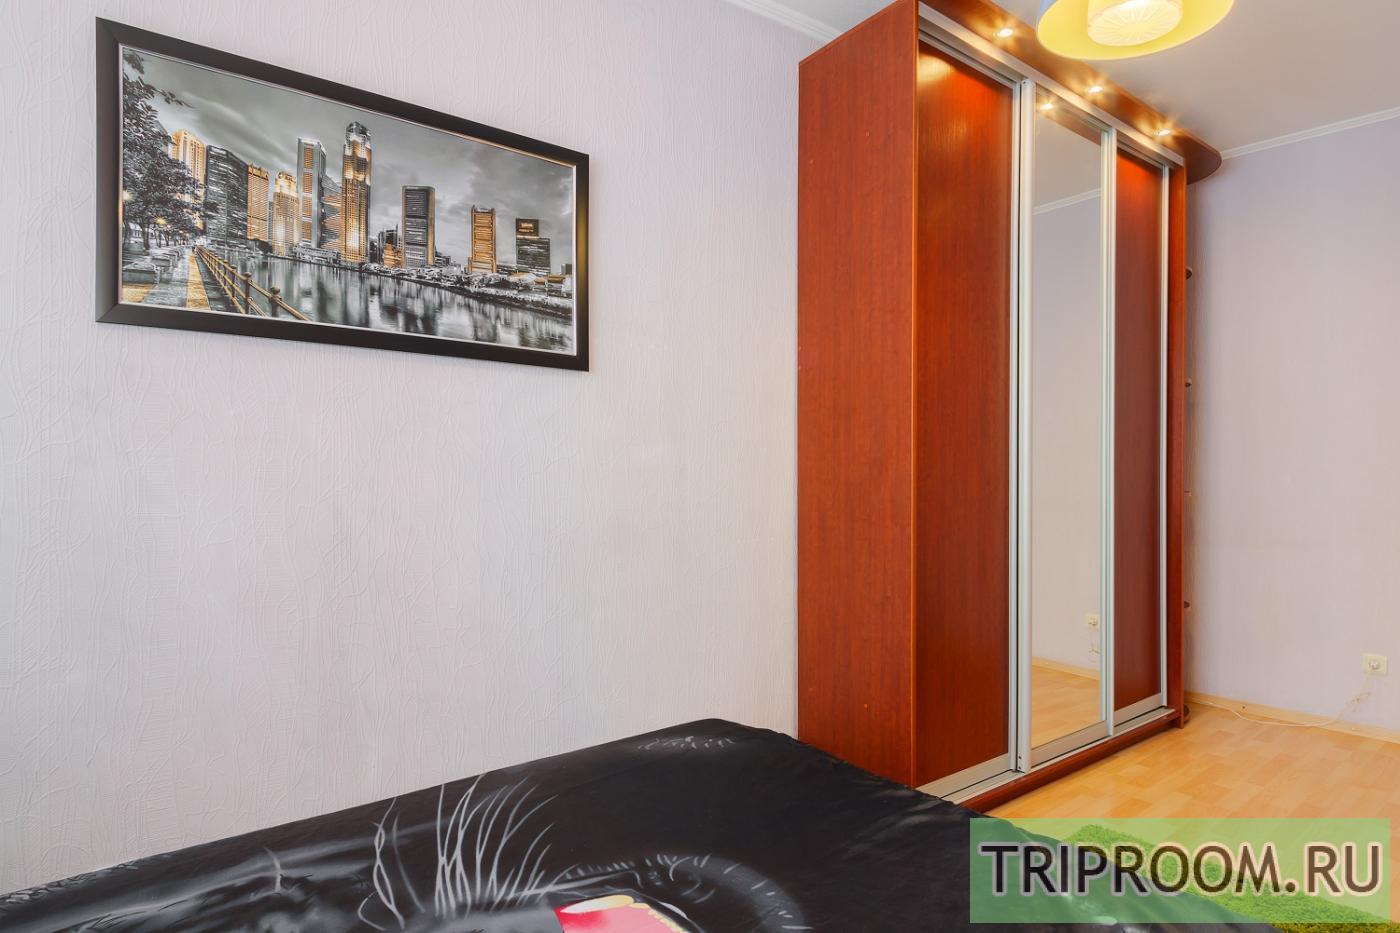 2-комнатная квартира посуточно (вариант № 11540), ул. Красноармейская улица, фото № 6